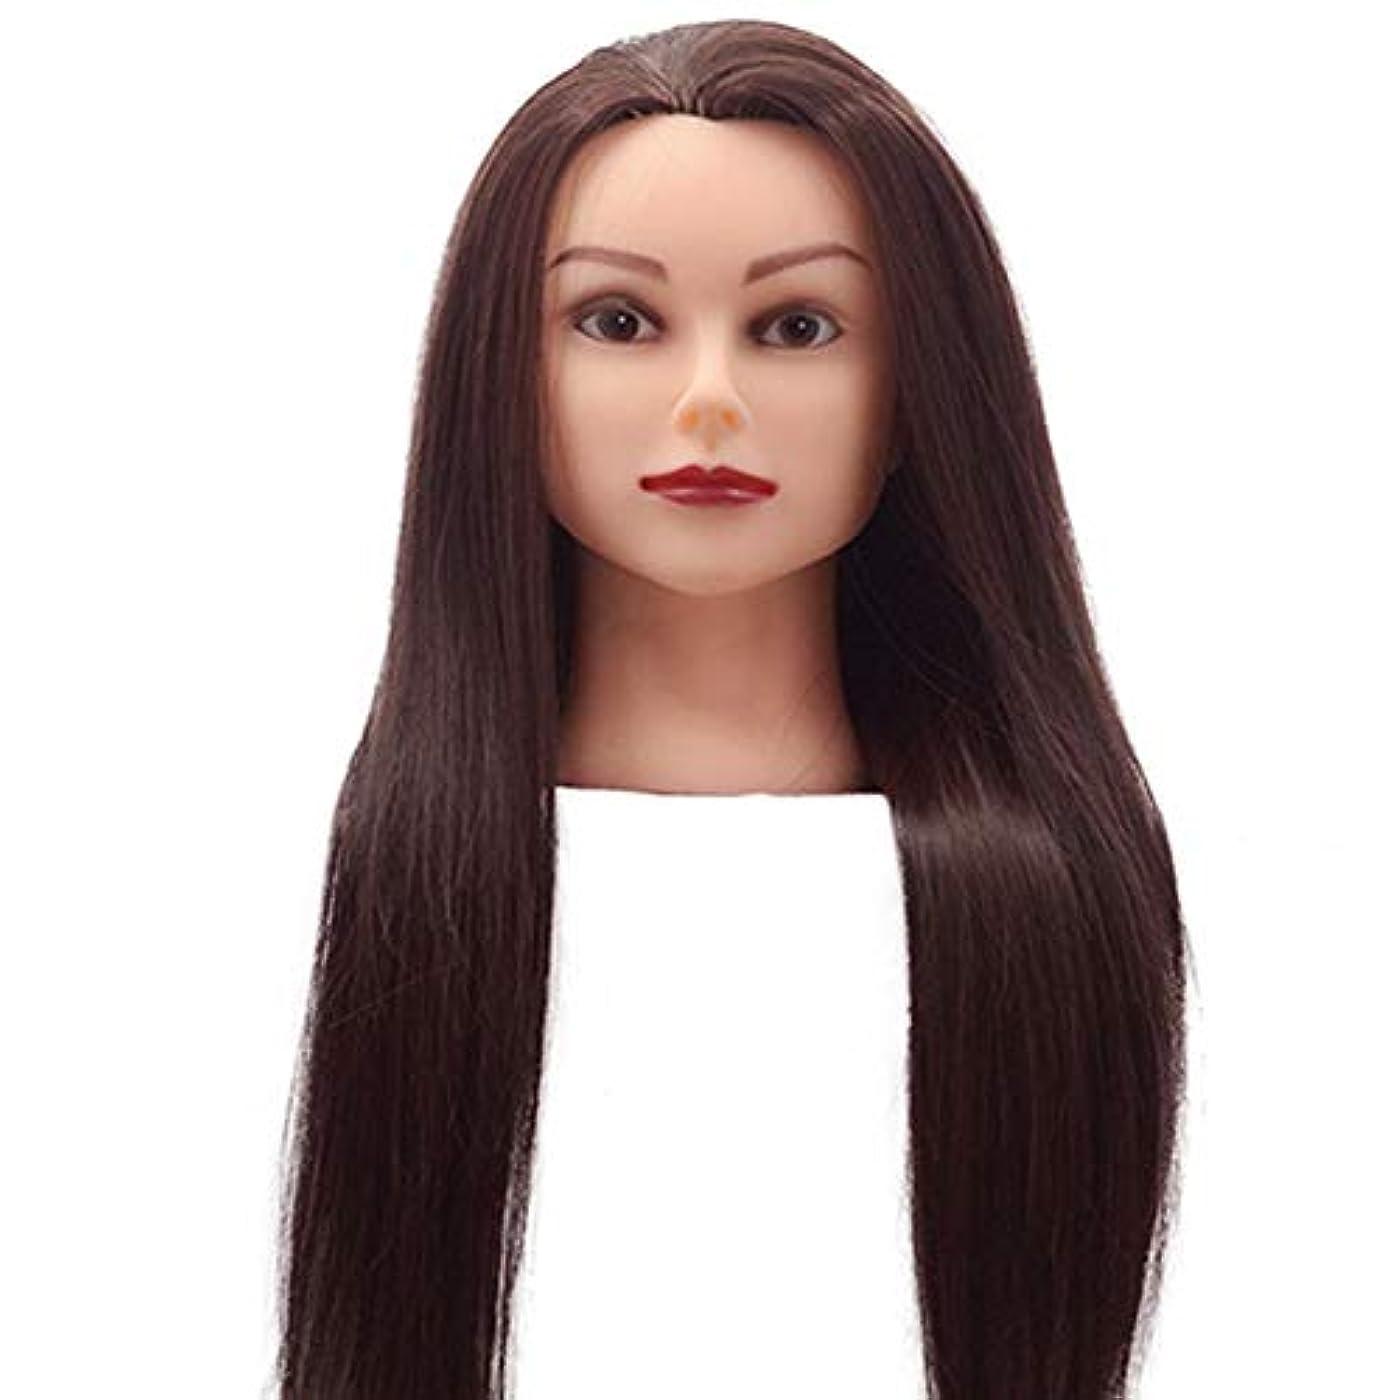 暗殺者免疫する軍隊理髪モデルヘッド花嫁の髪編組三つ編み学習ヘッドモデル理髪店美容散髪ダミーエクササイズヘッド